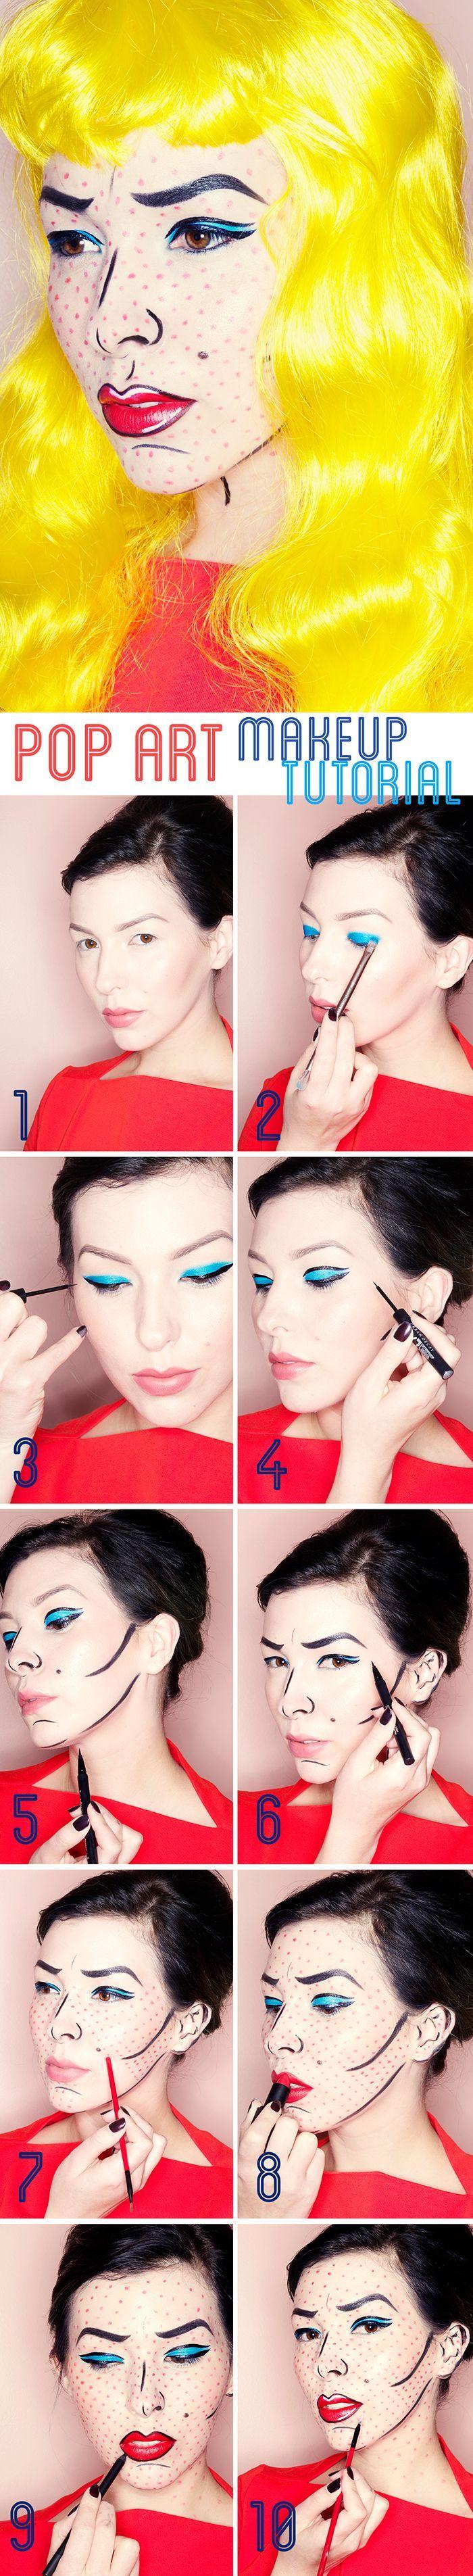 makeup monday pop art makeup tutorial is part of Pop art makeup - Makeup Monday Pop Art Makeup Tutorial Beautifulart Makeup